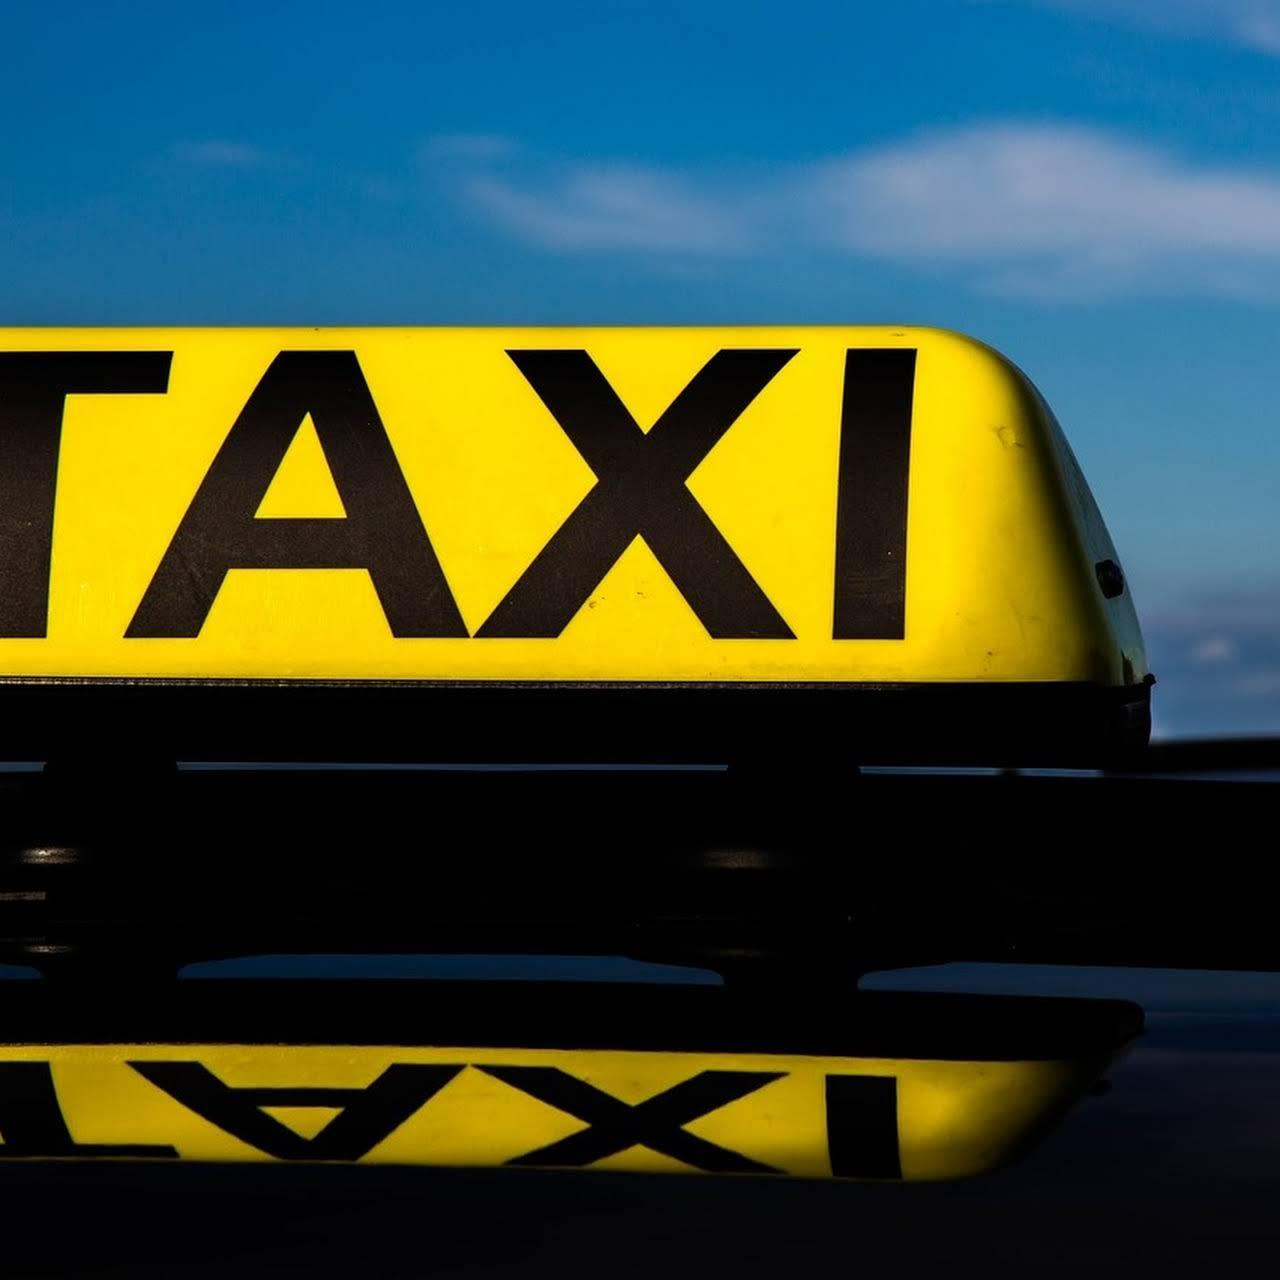 yellow cab des moines